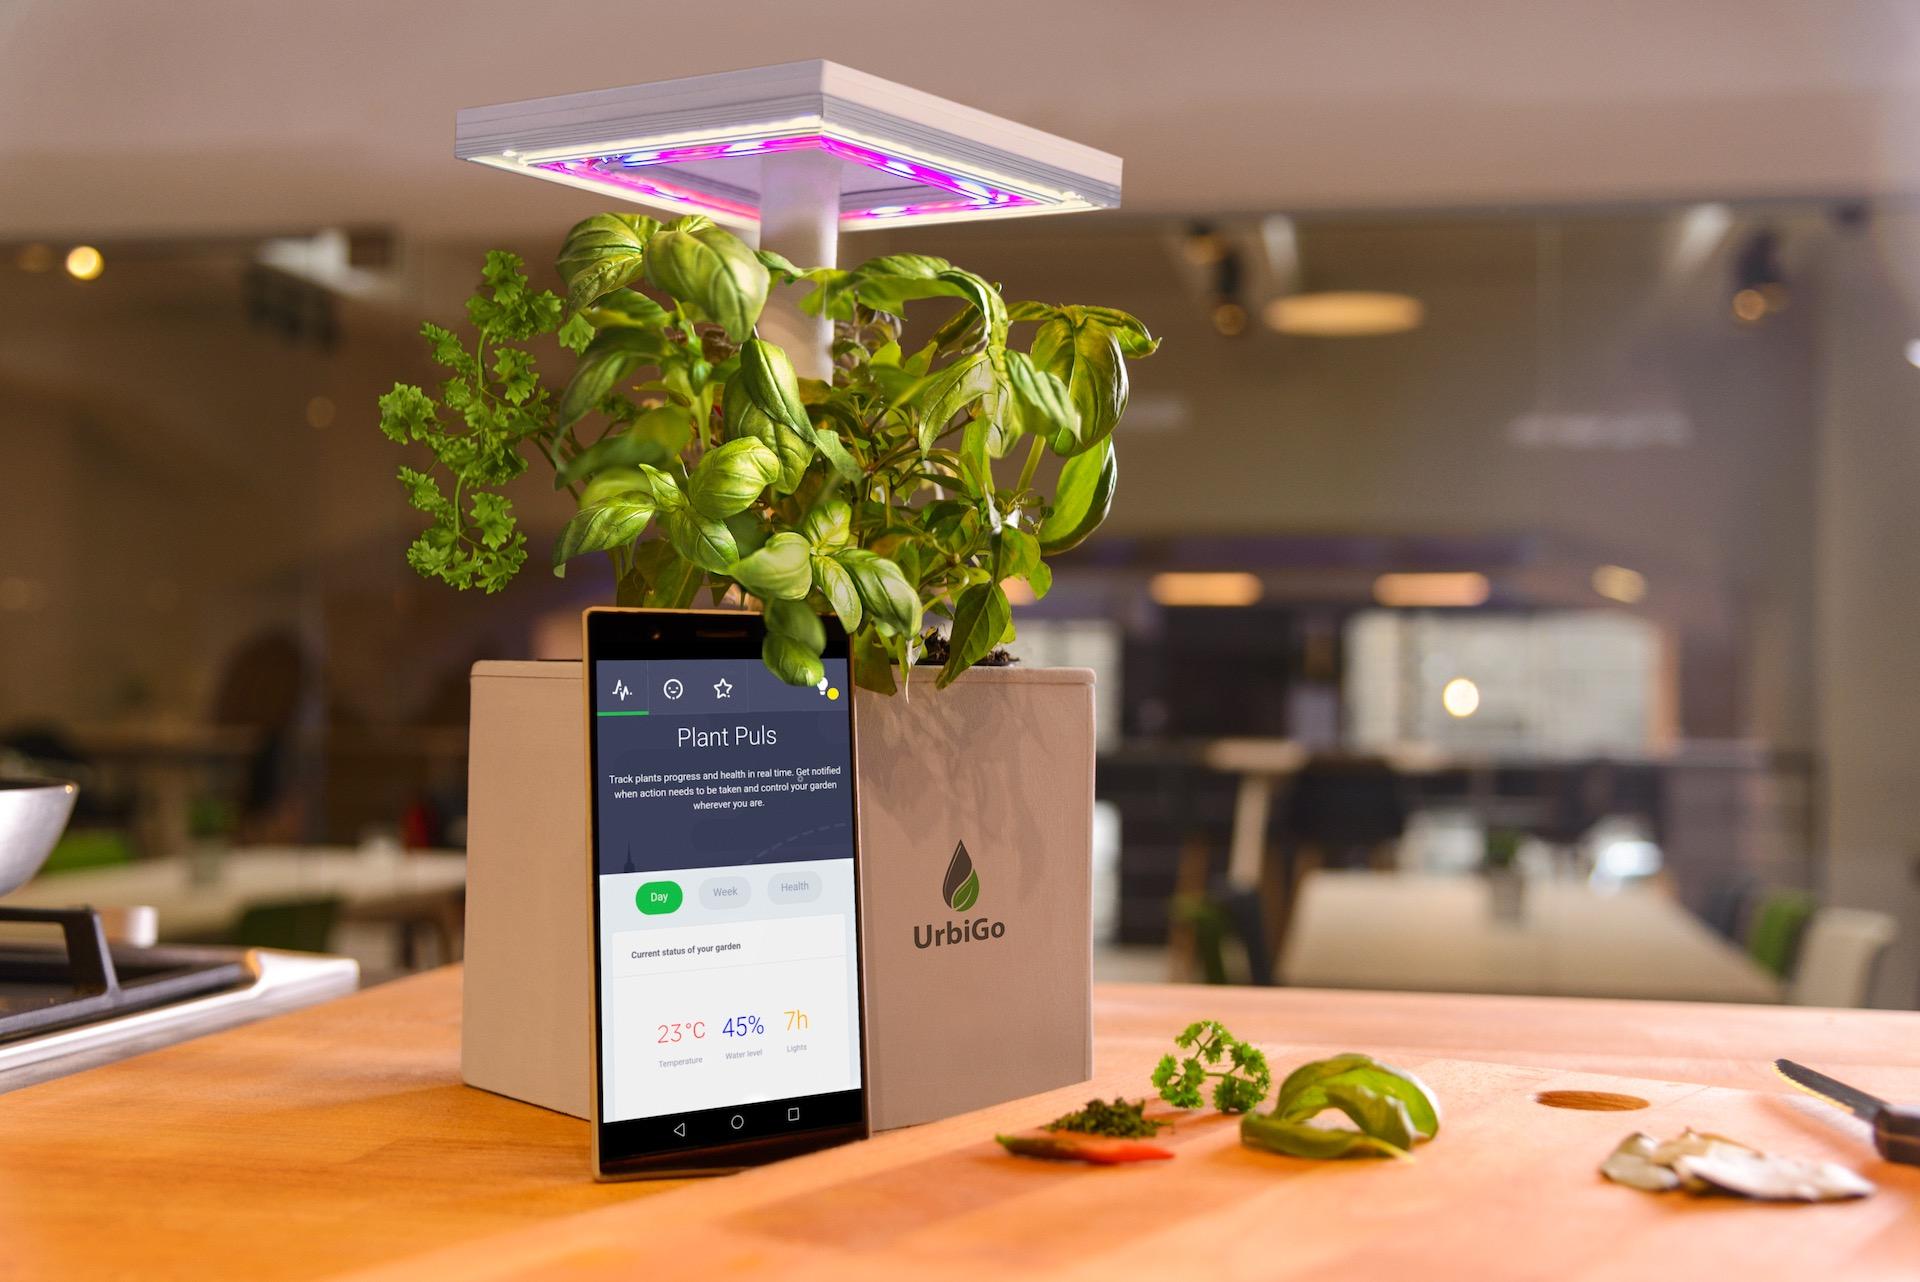 Pěstovatelský produkt srbského startupu UrbiGo